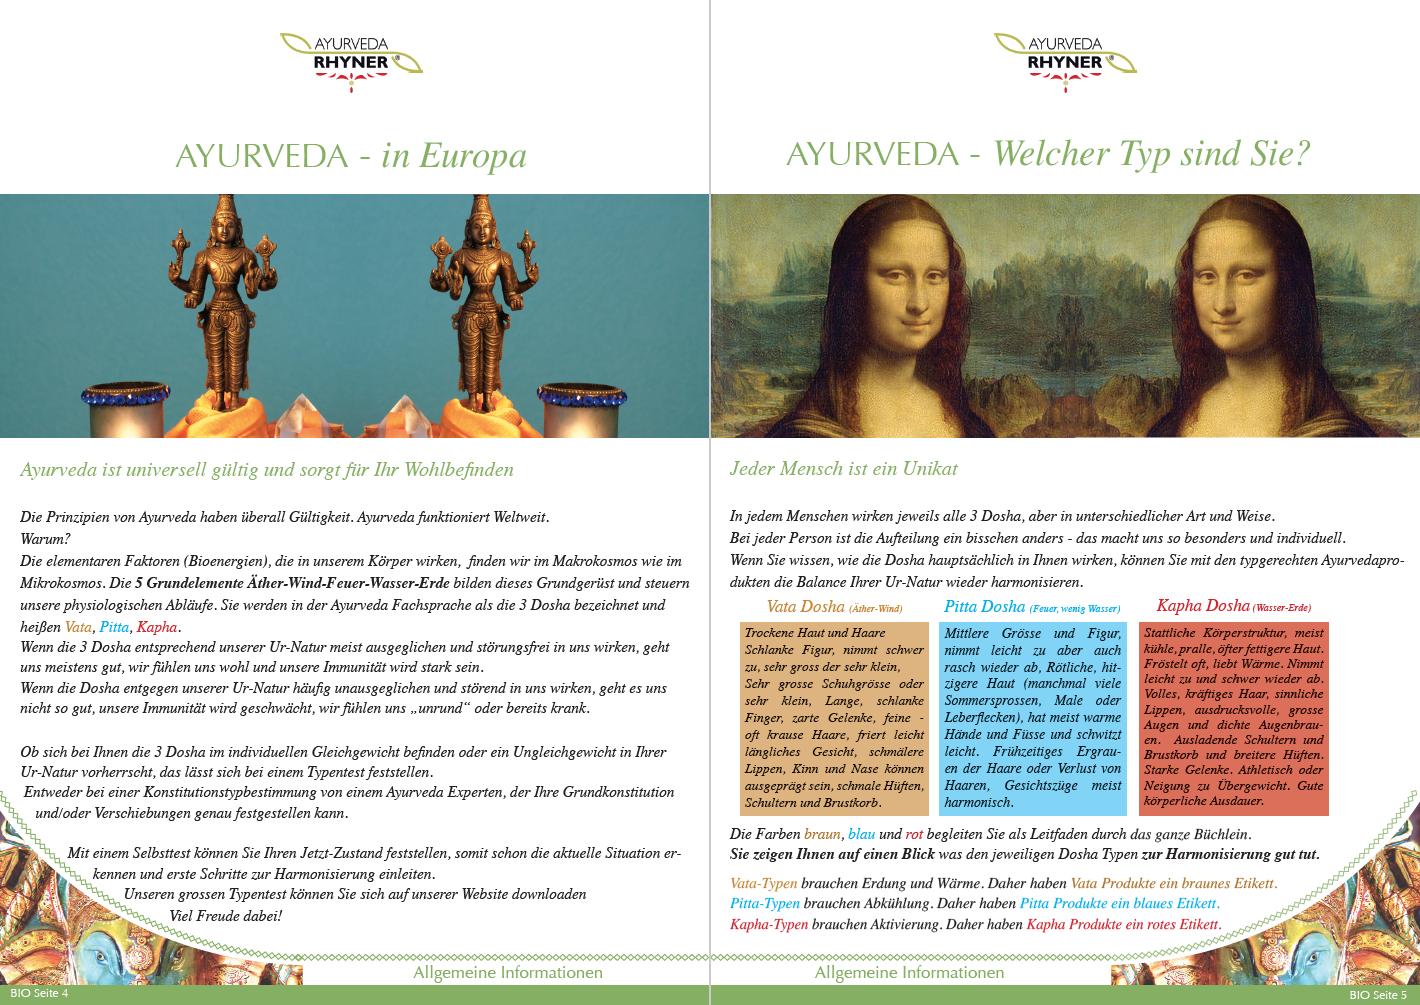 Seite 4-5 - Allgemeine Informationen